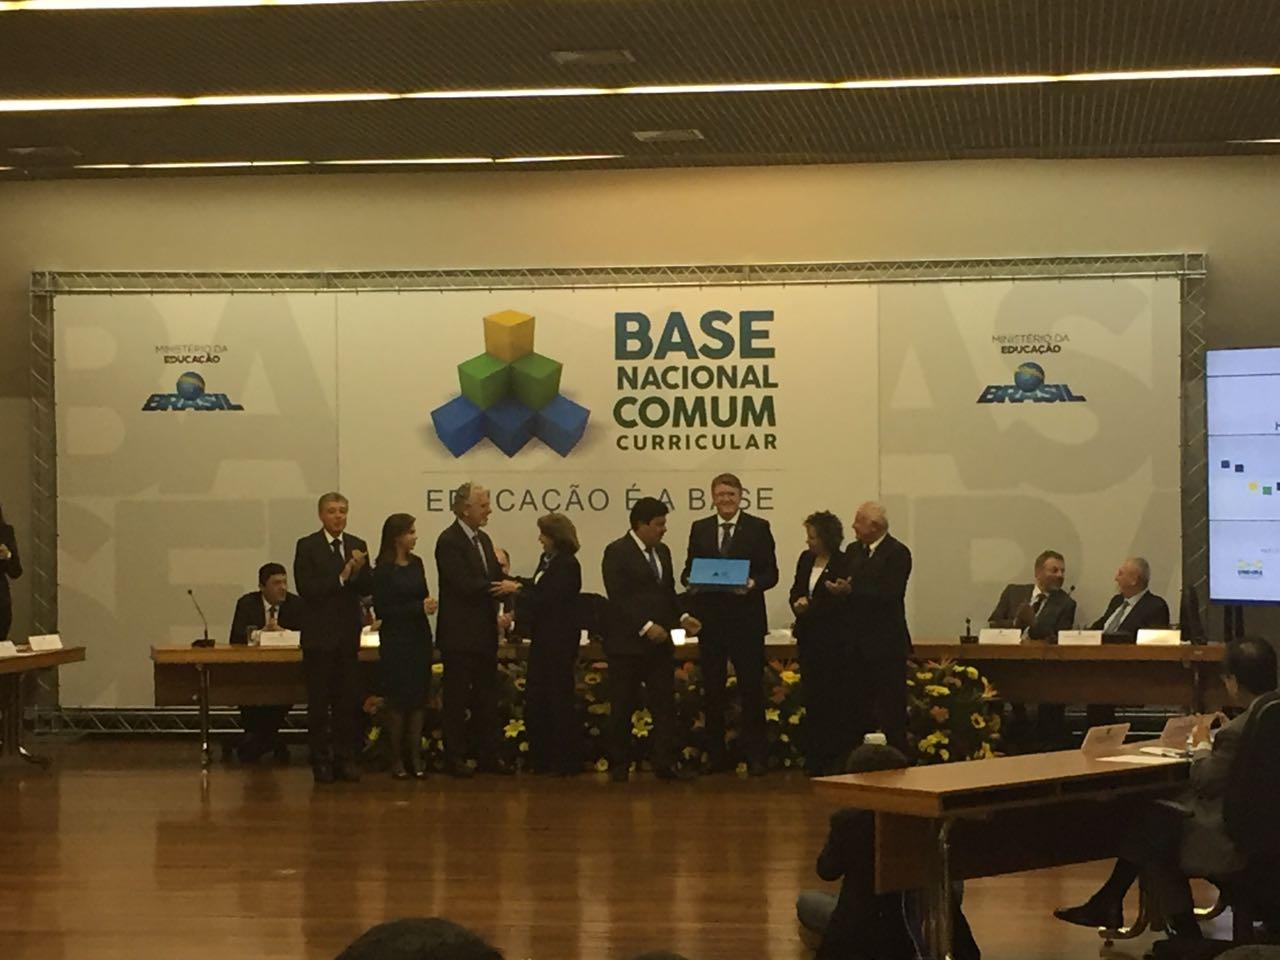 Membros da comissão da Base Nacional Comum Curricular cumprimentos